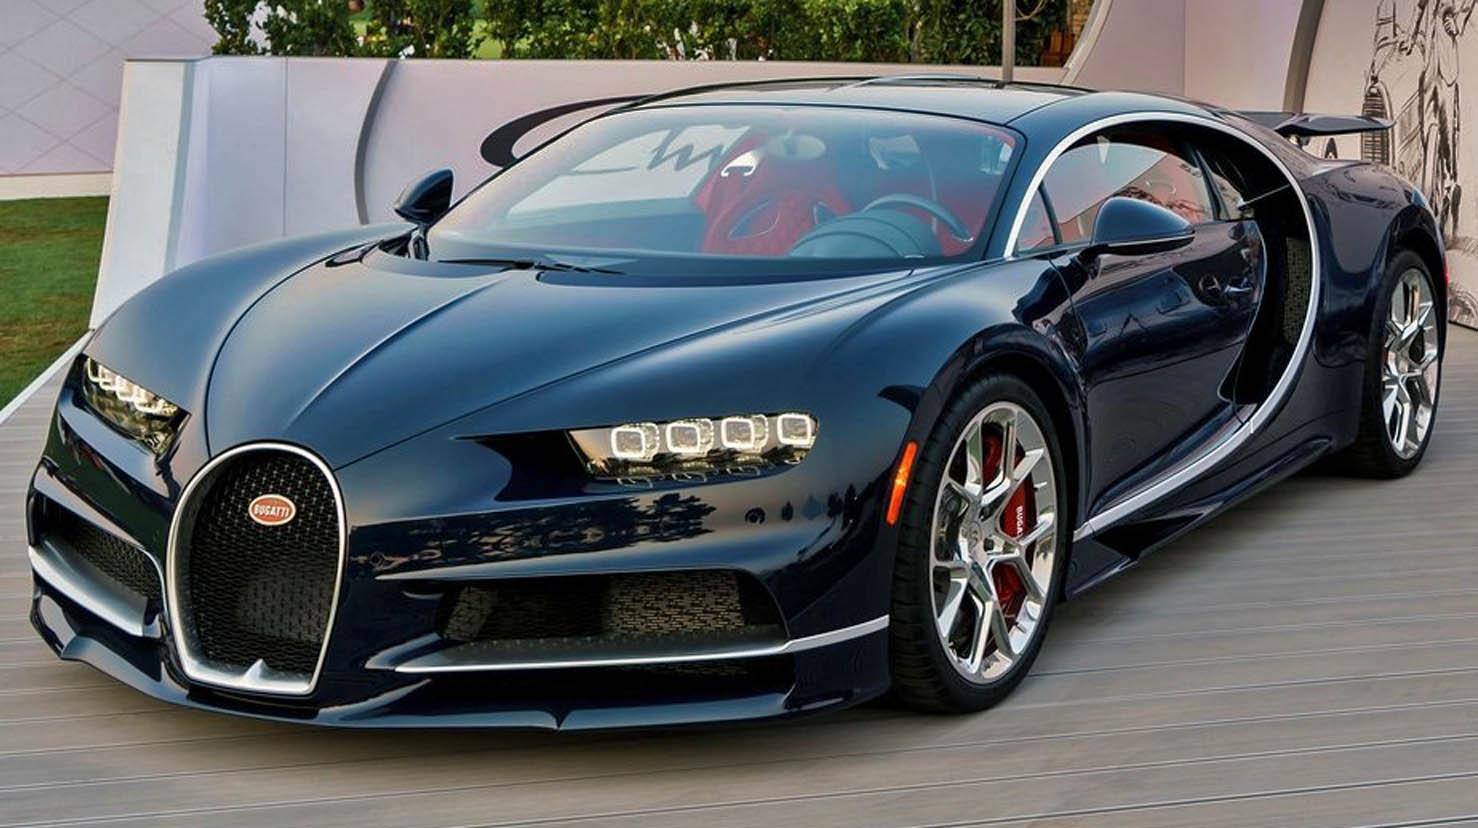 صورة اسرع سيارة في العالم , قائمه باقوى عربيات سريعه بالعالم